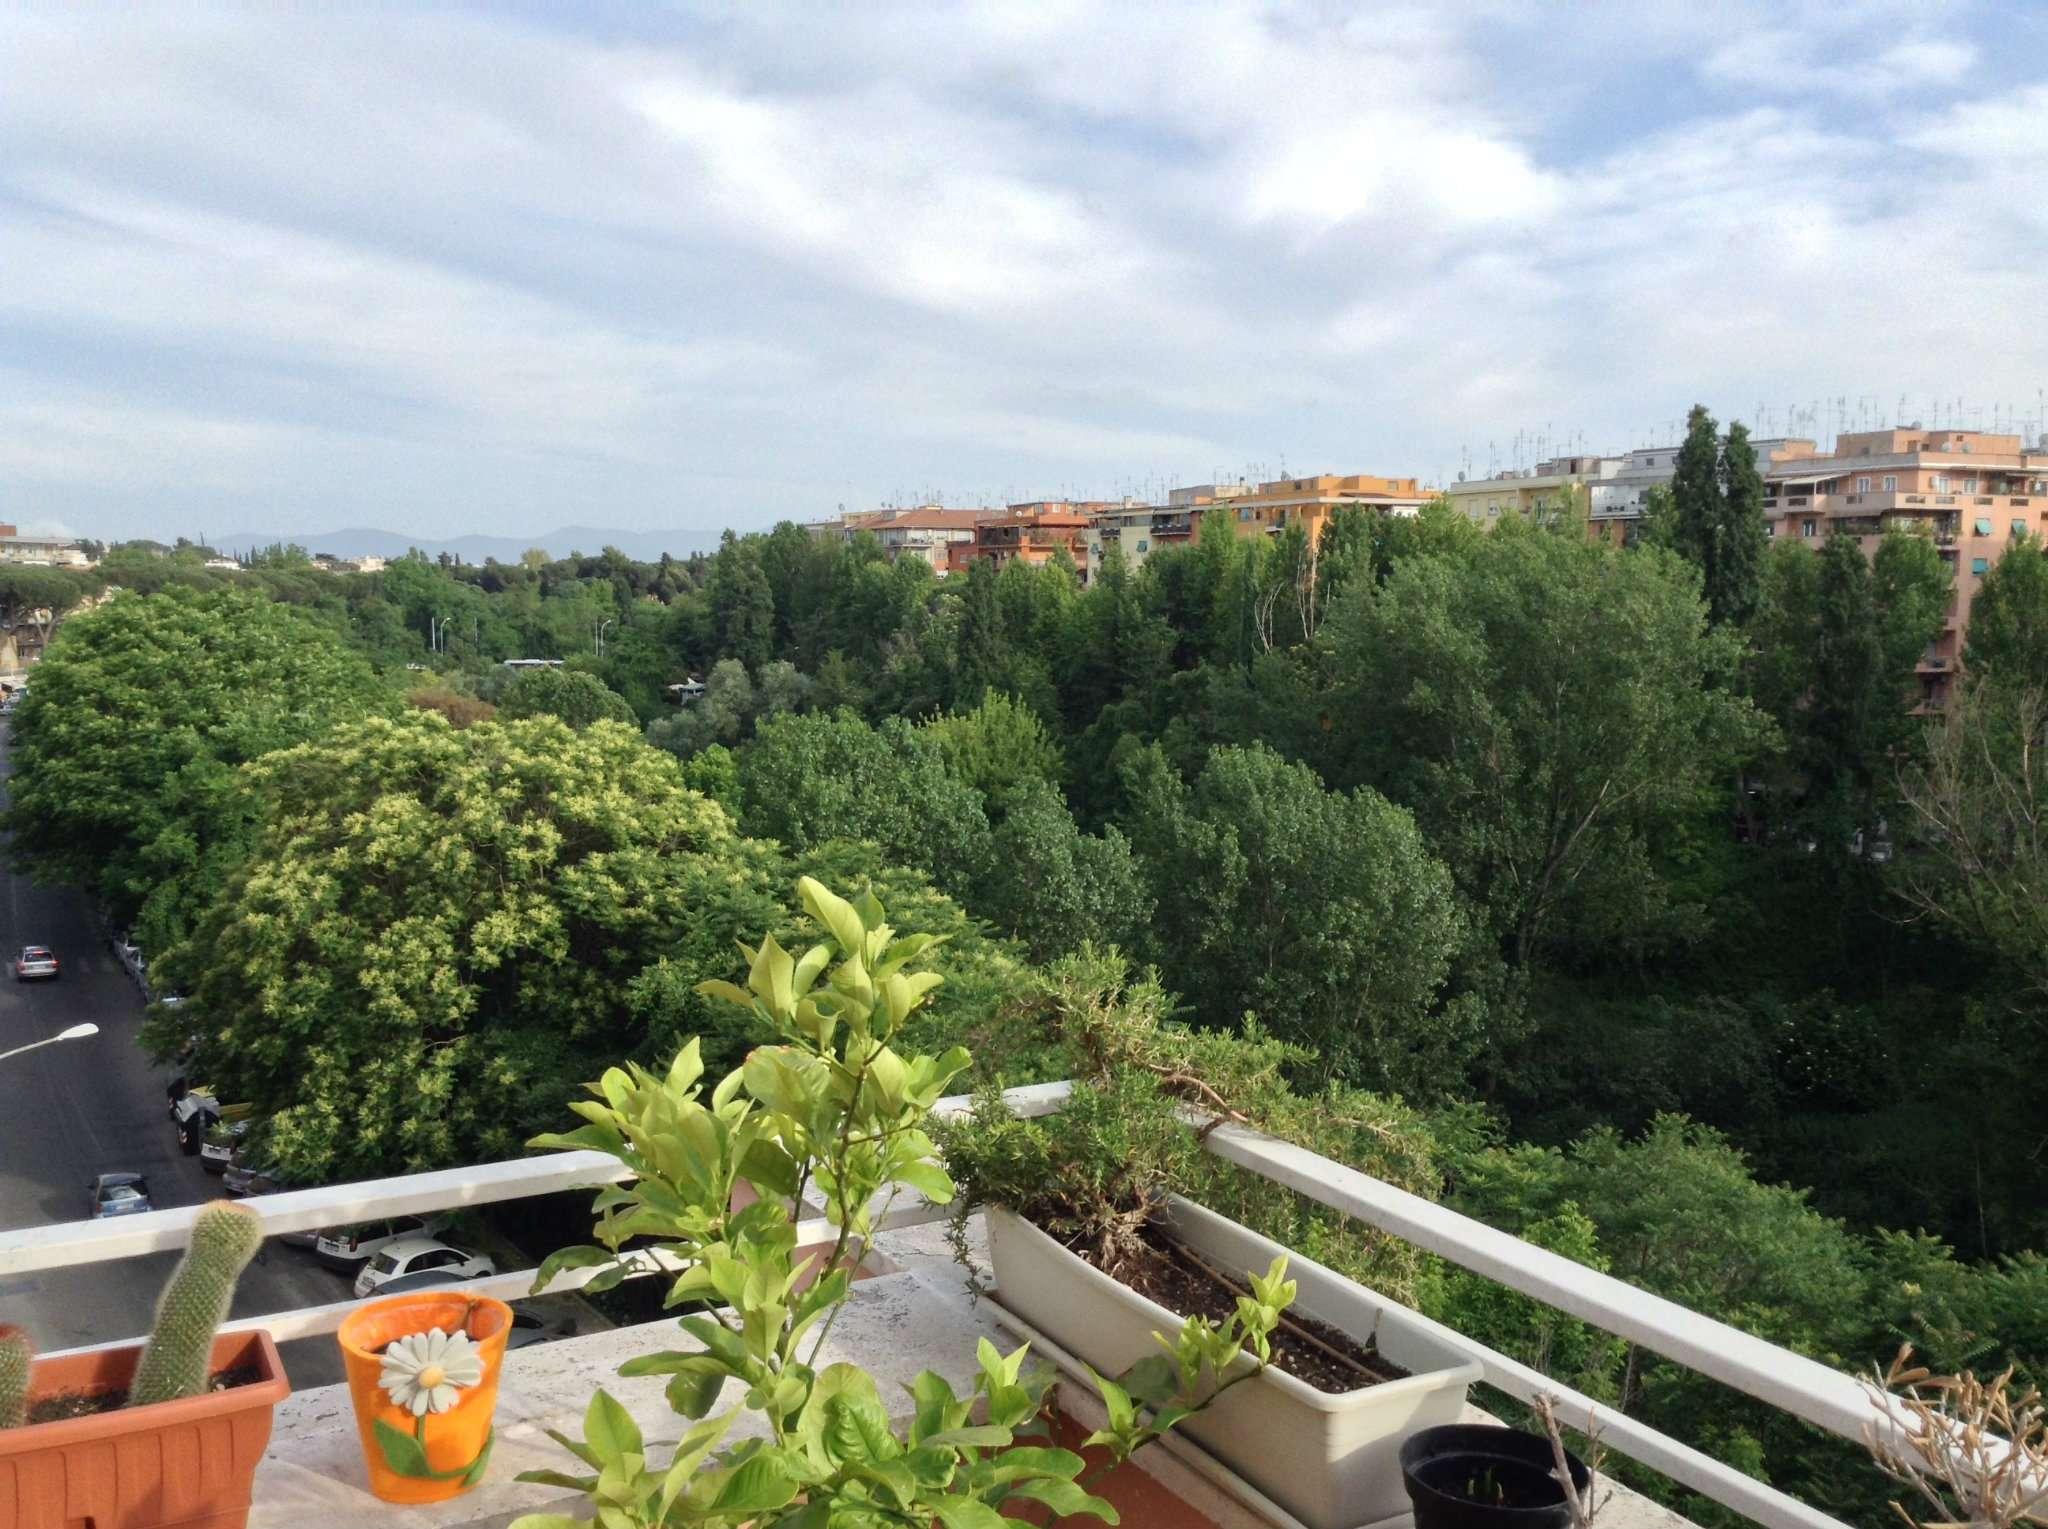 Attico / Mansarda in affitto a Roma, 3 locali, zona Zona: 5 . Montesacro - Talenti, prezzo € 1.150 | Cambio Casa.it